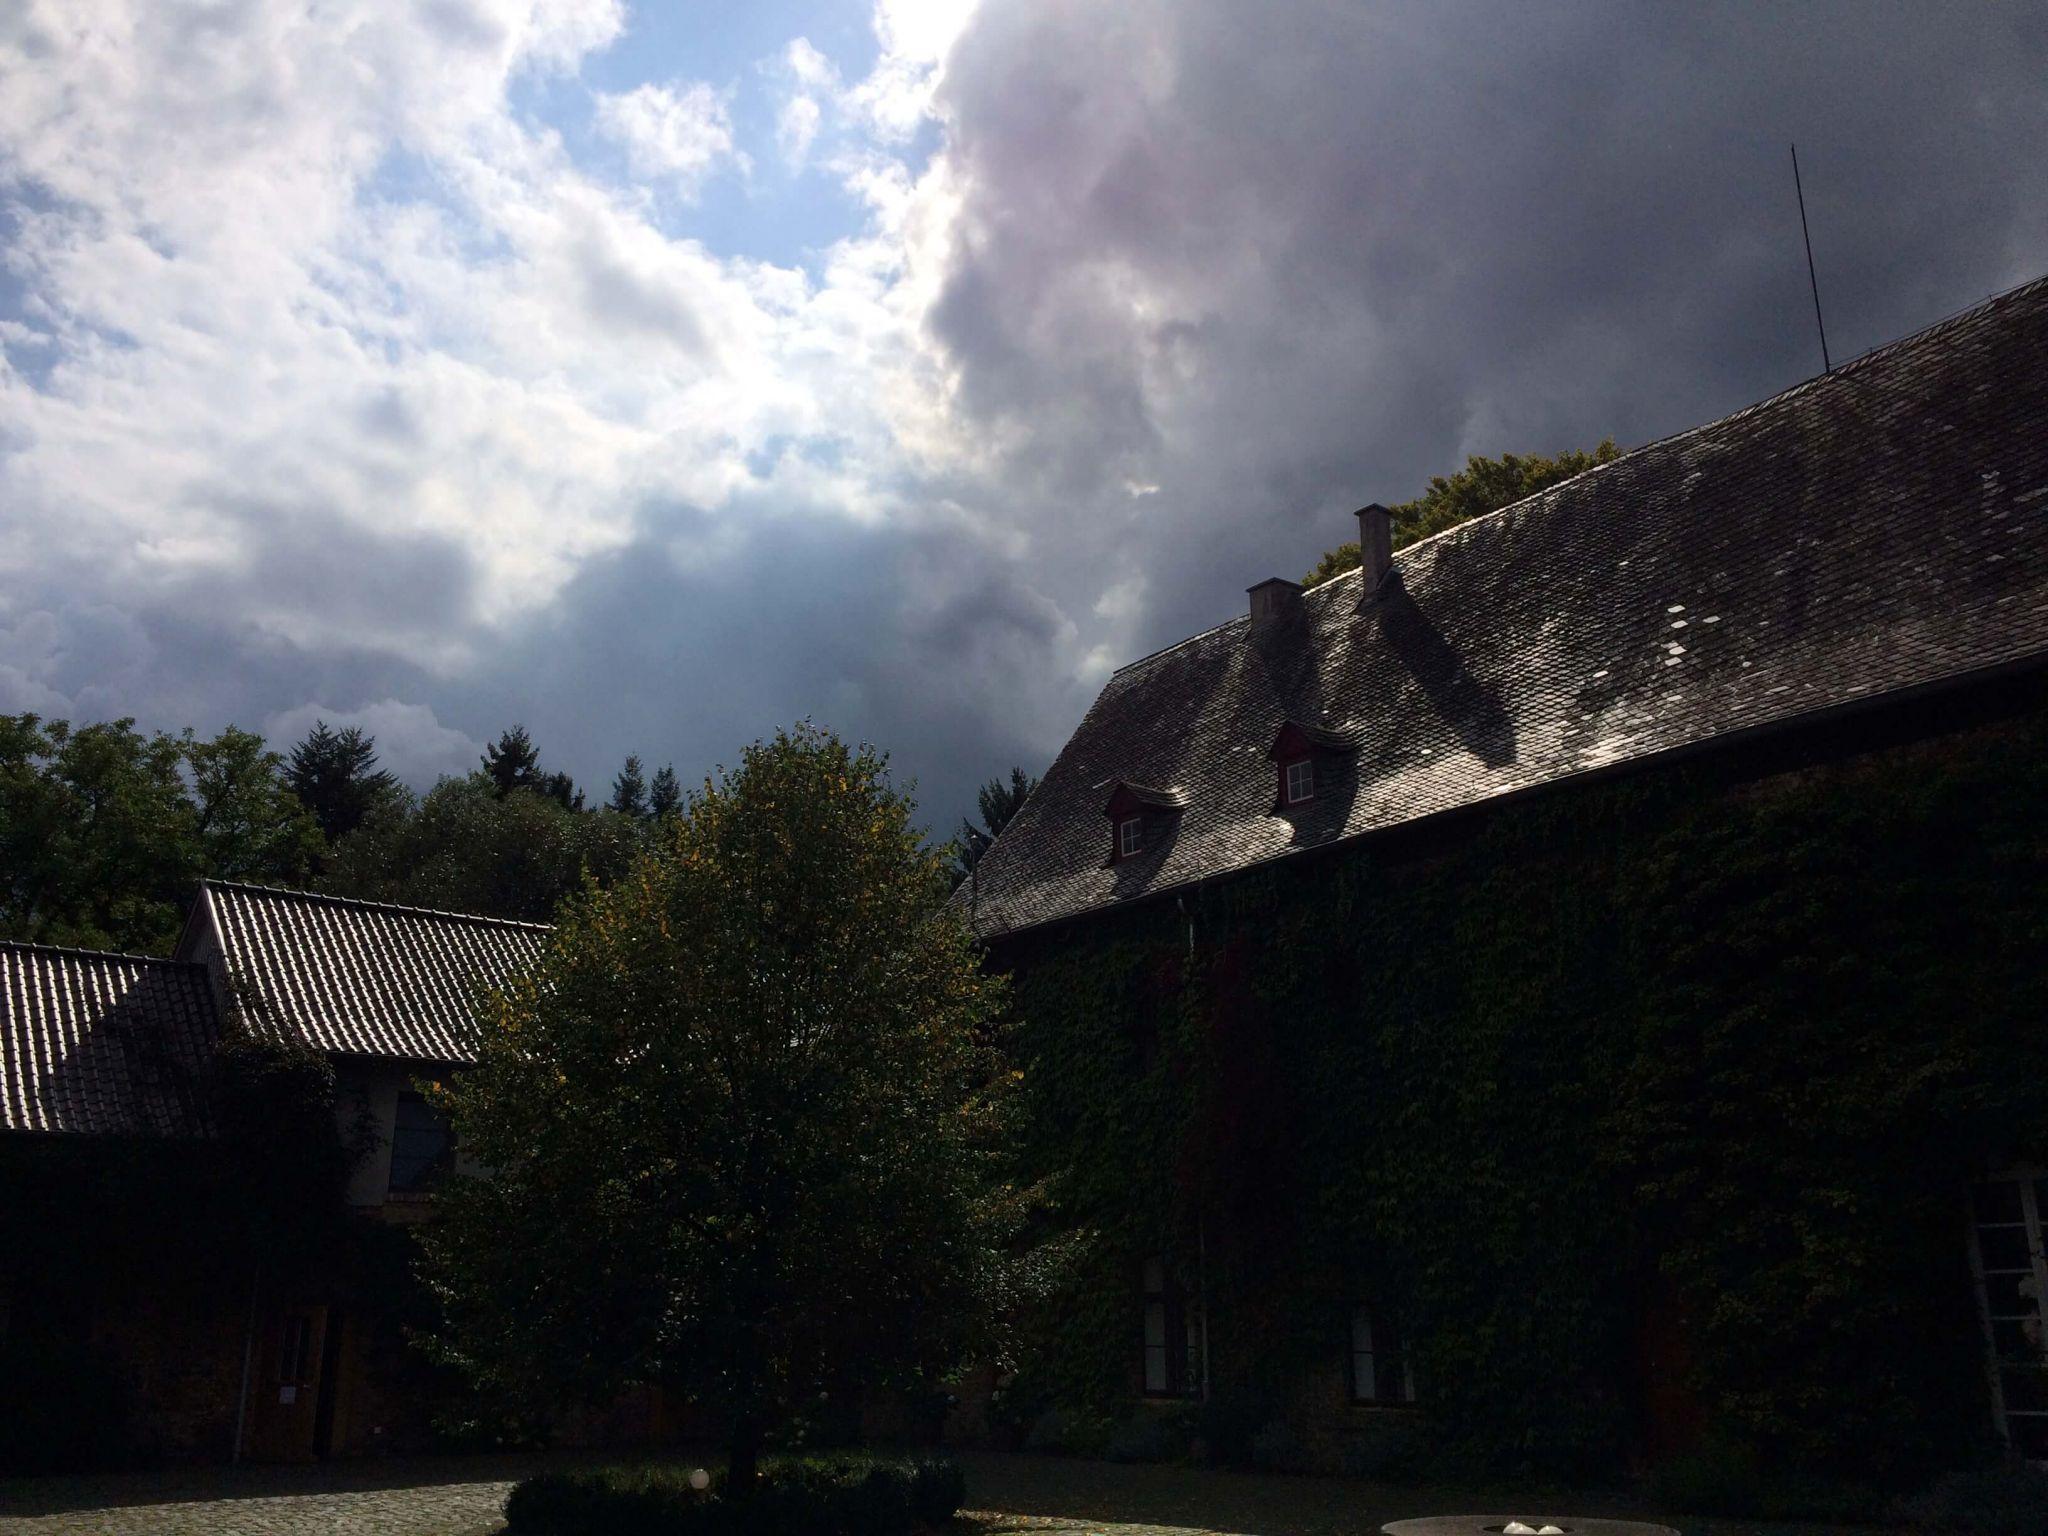 Himmer über Kloster Schweinheim-wandern-achtsamkeit.de